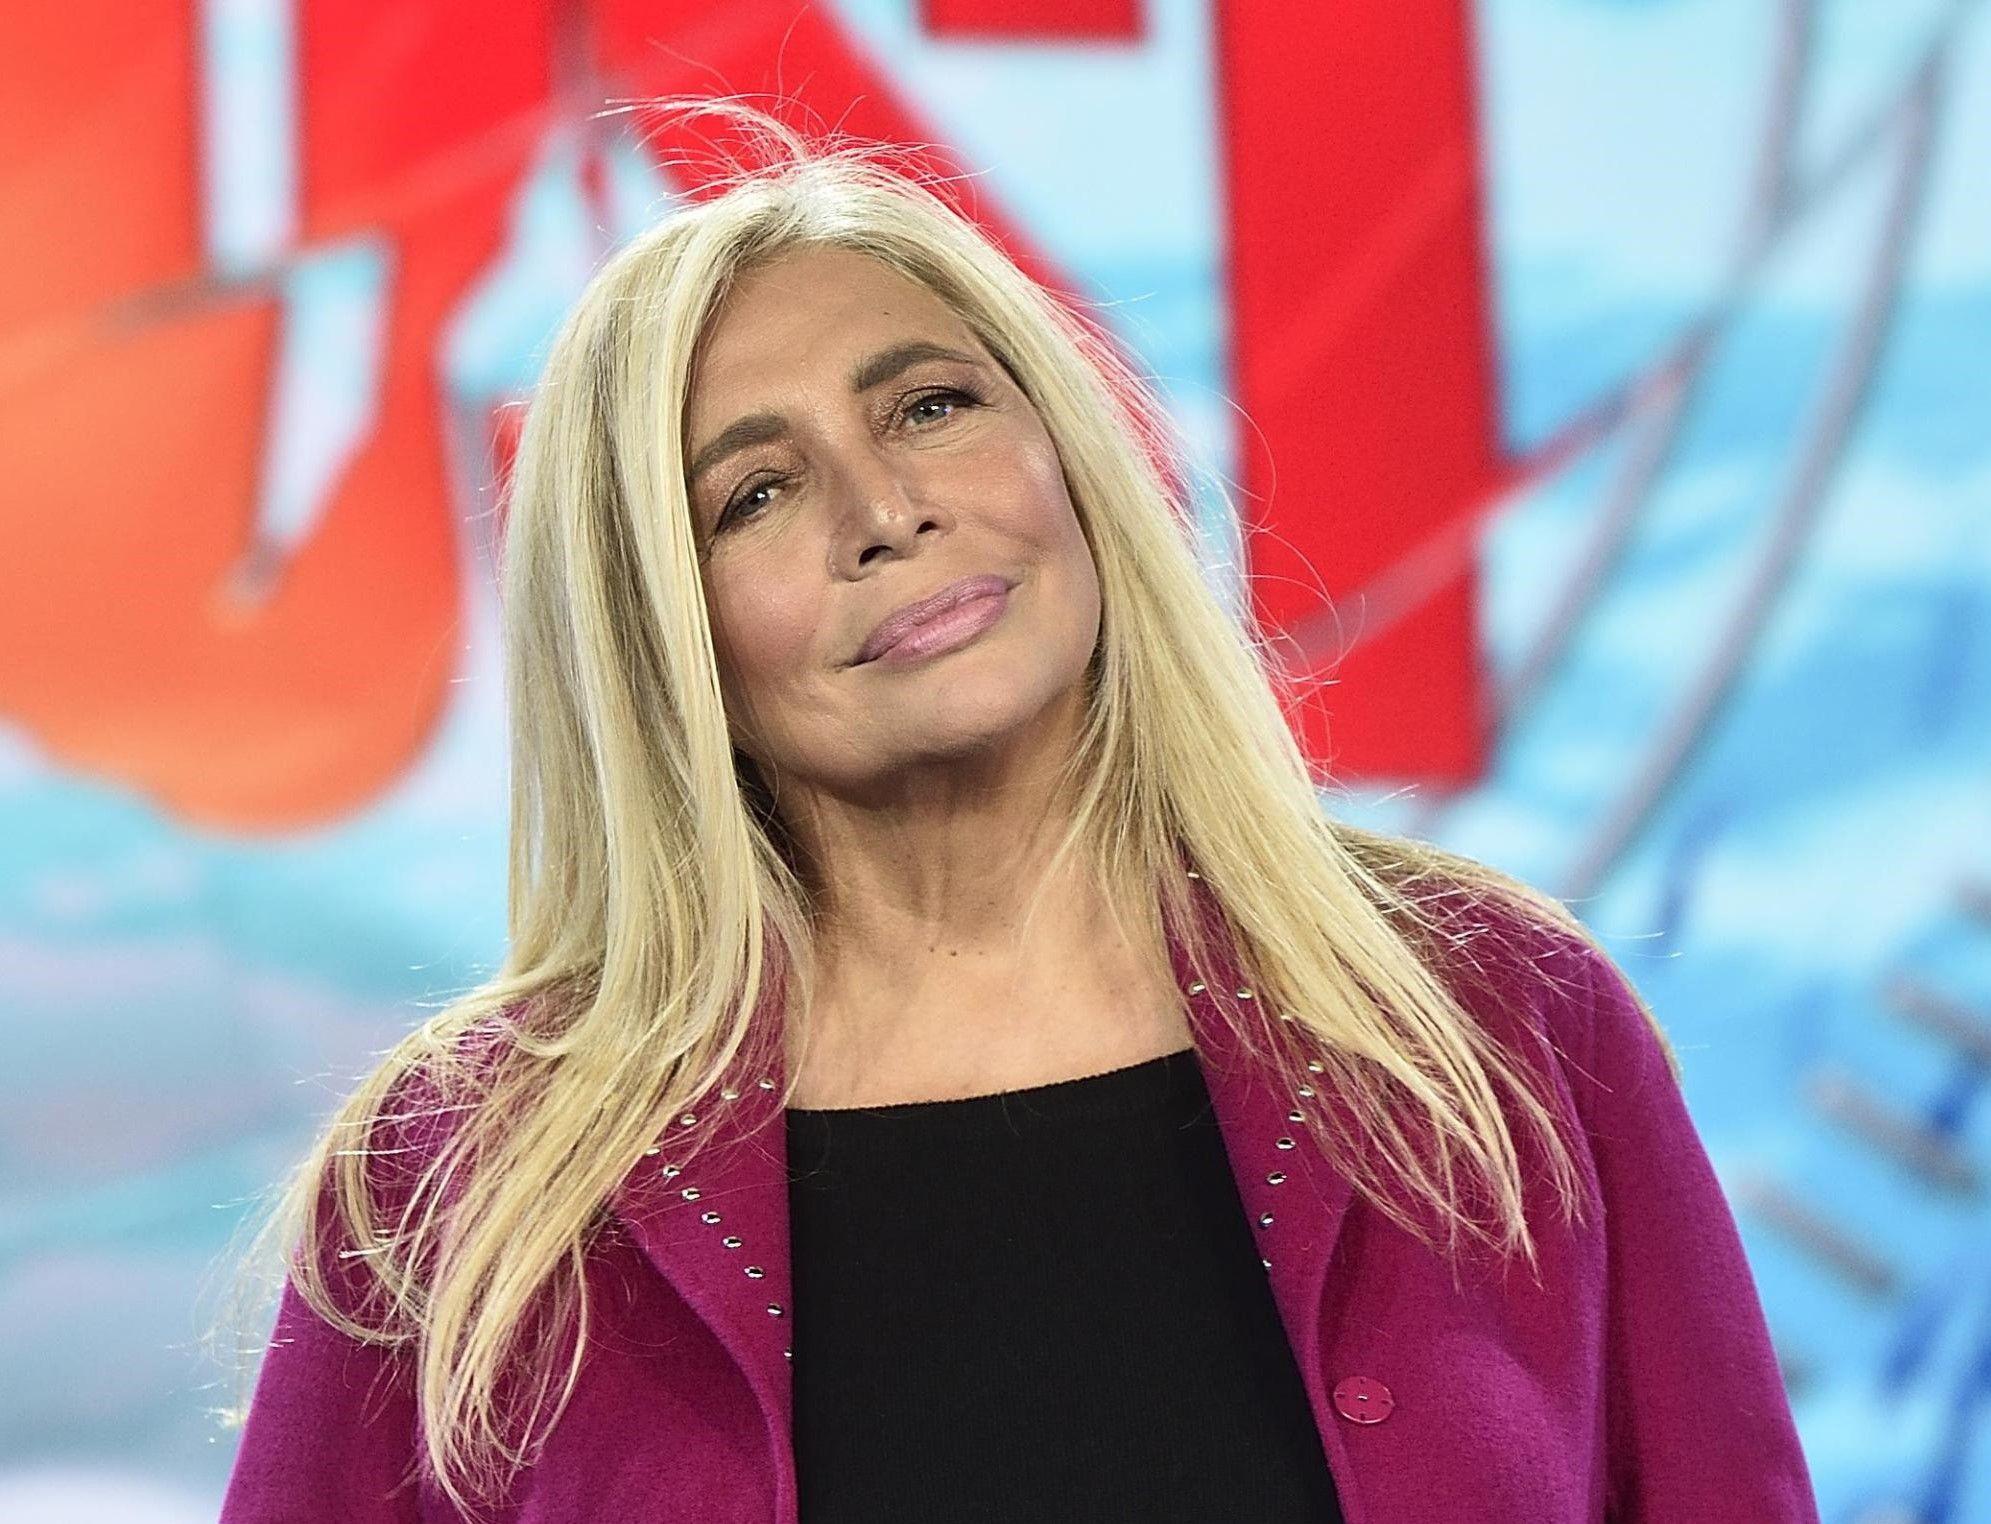 Mara Venier 'abbraccia' Simona Ventura dopo l'accoltellamento del figlio Niccolò